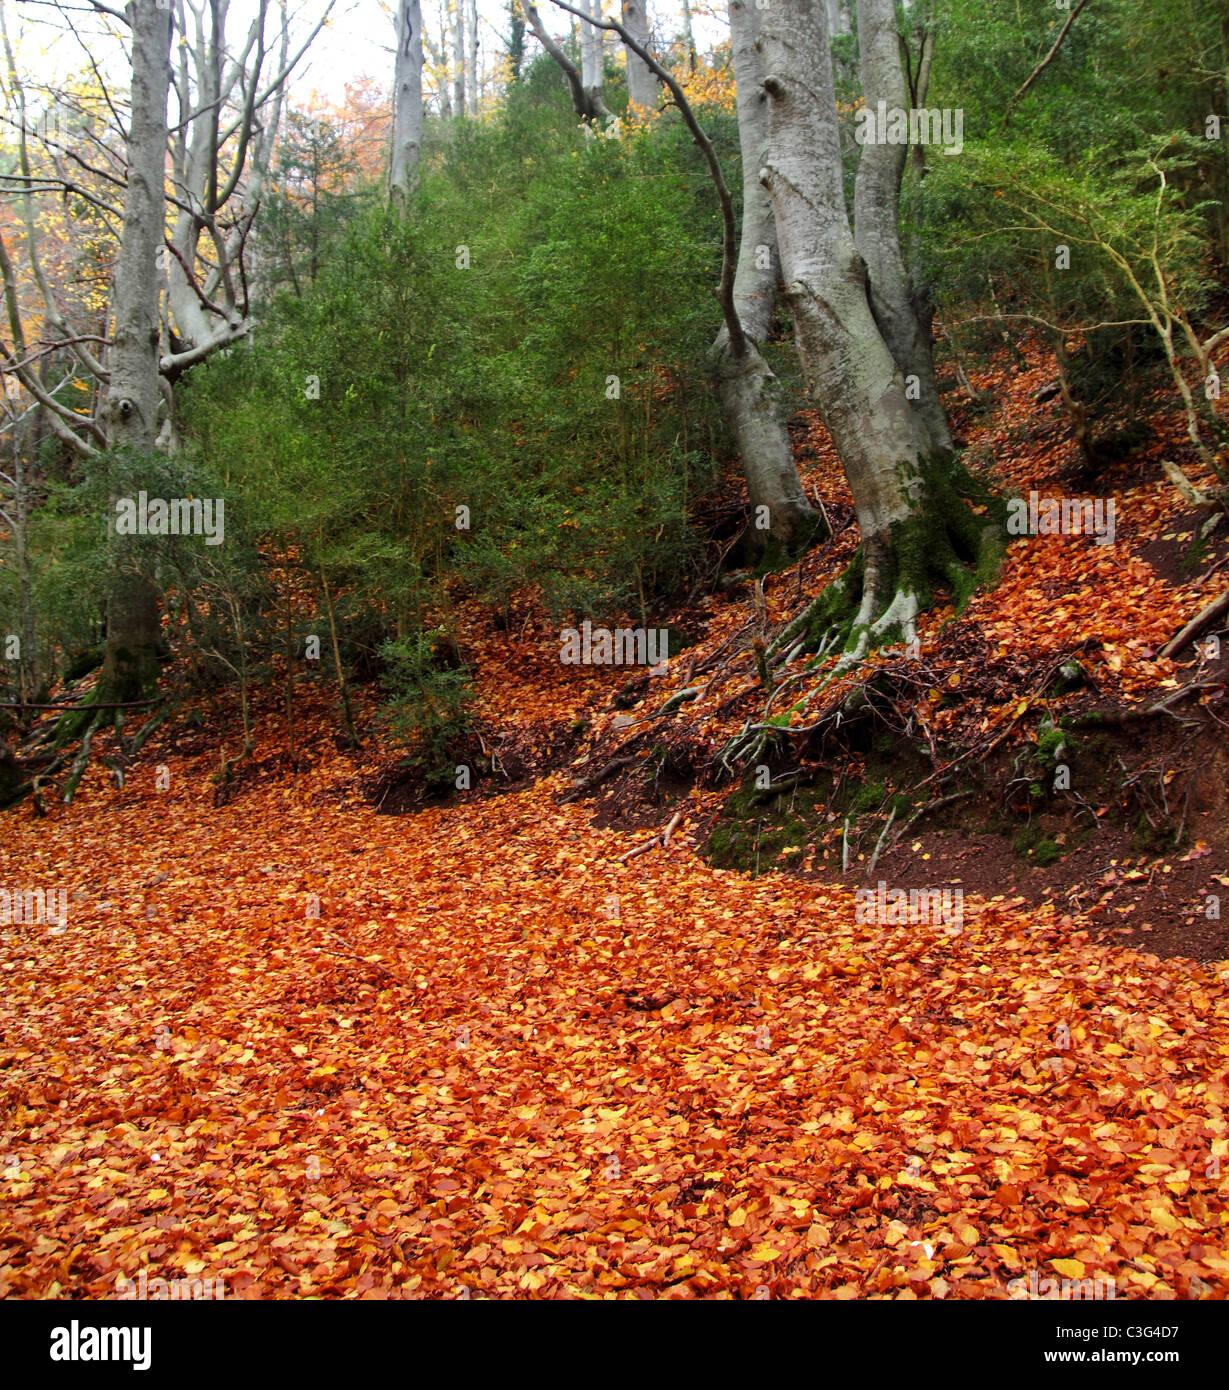 hundertjährigen Buche Baum Herbstwald im goldenen Herbst Blätter Stockbild